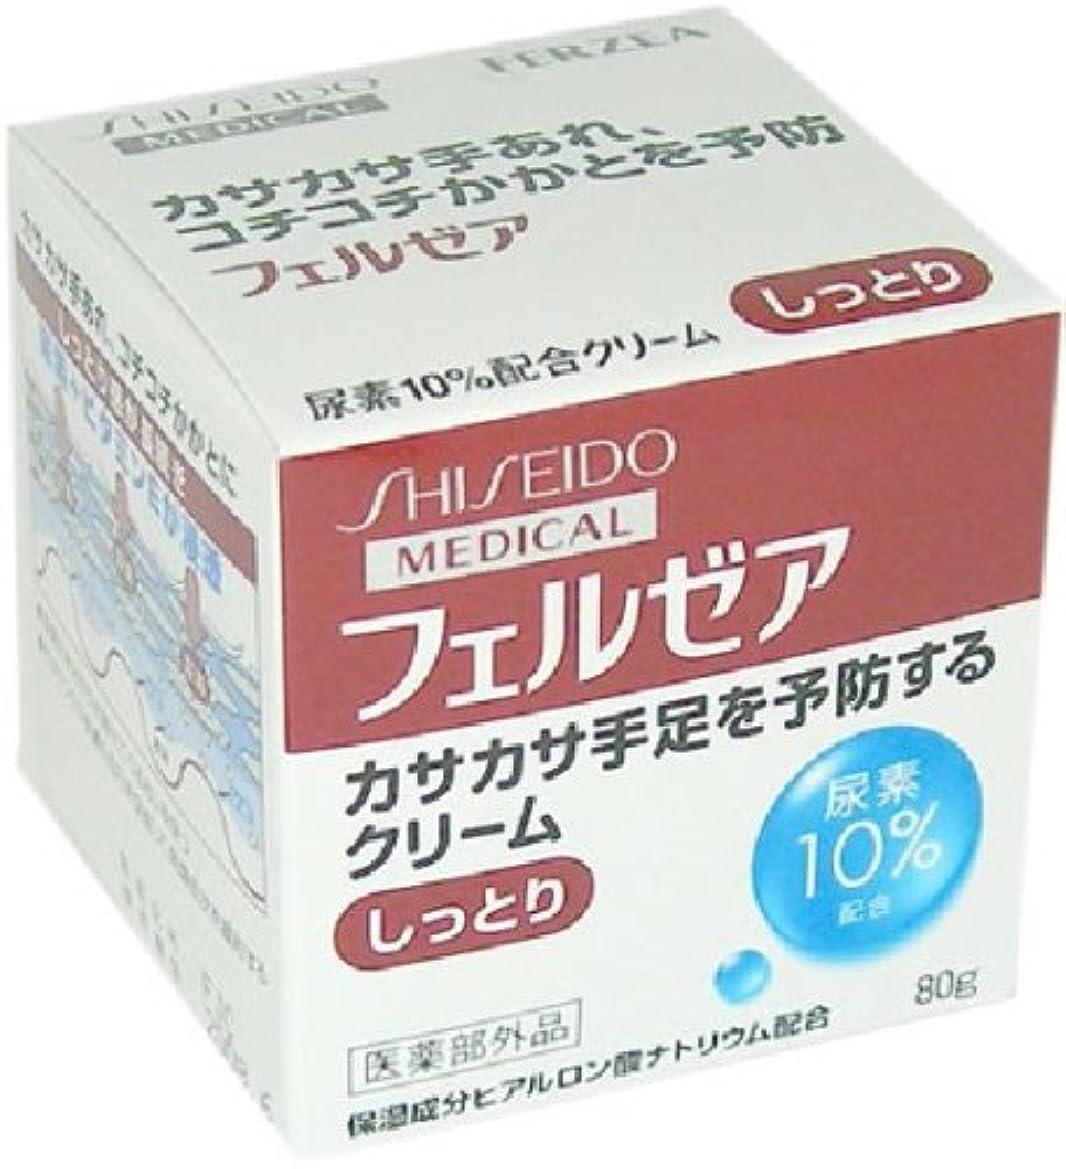 イディオム政策養うフェルゼア クリームM しっとりジャータイプ 尿素10%配合 80g [指定医薬部外品]